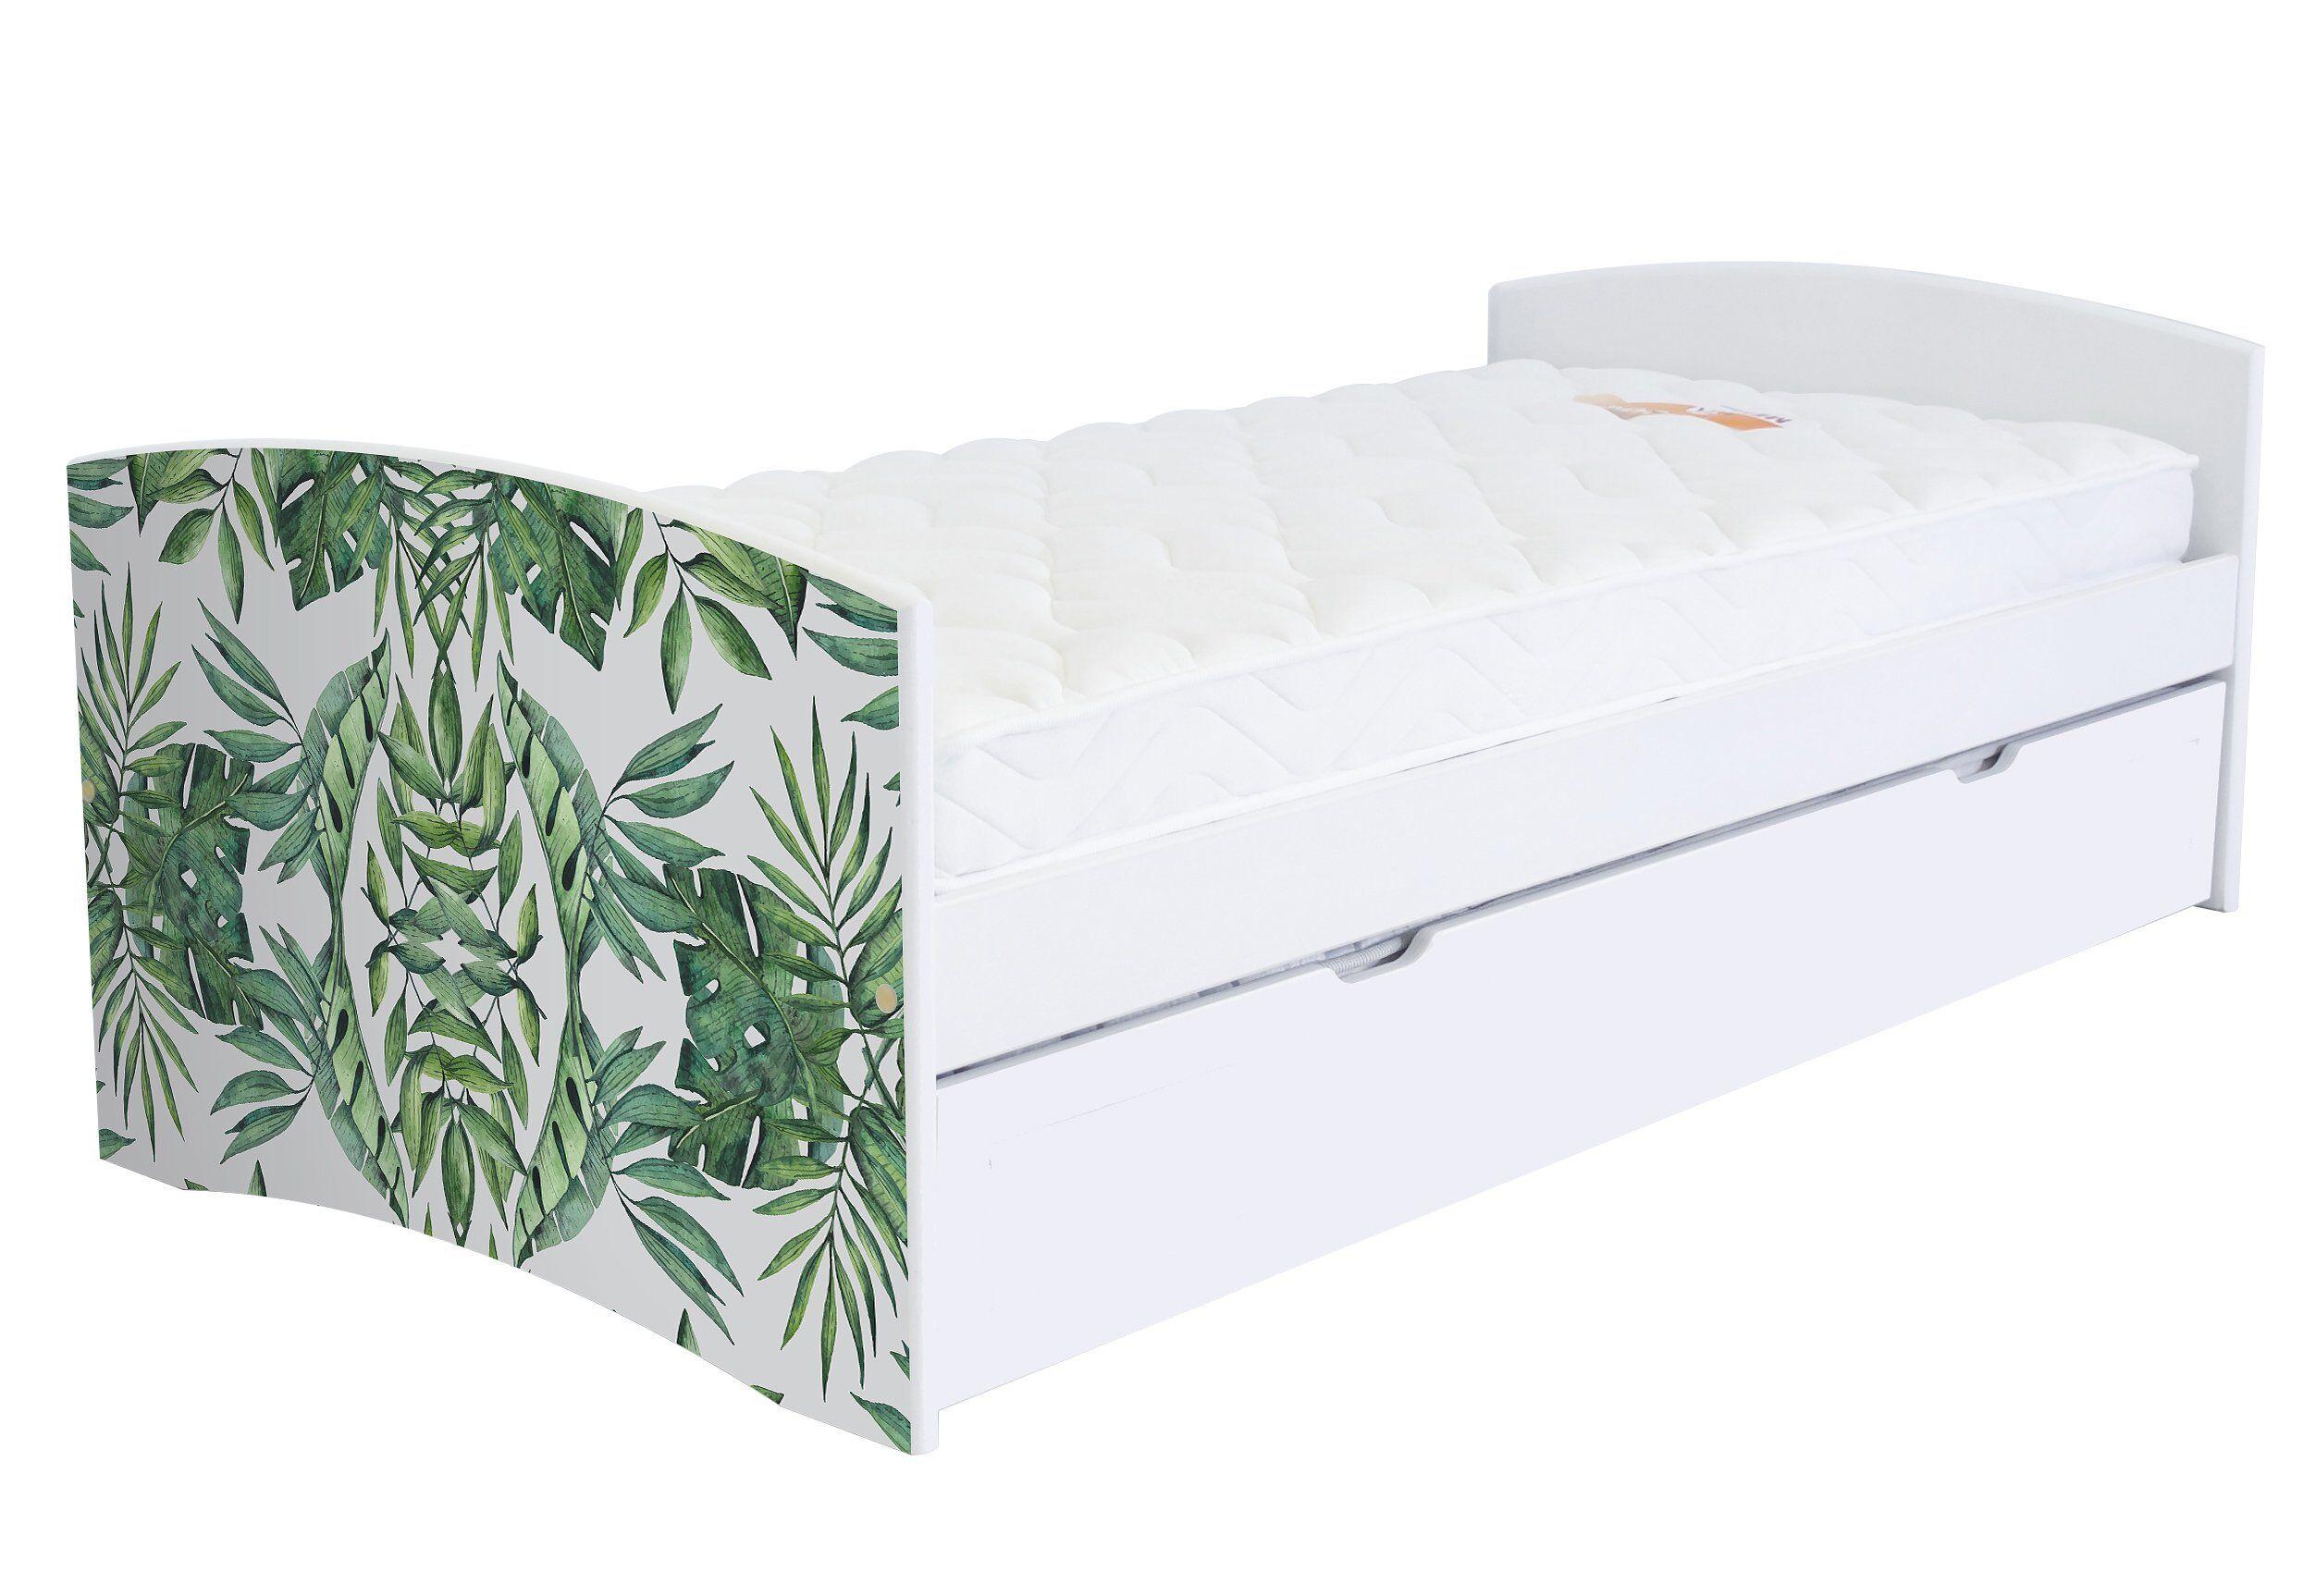 ABC MEUBLES Banquette lit gigogne Happy 90x190 cm bois et décor - 90x190 - Vernis naturel/Décor Plantes